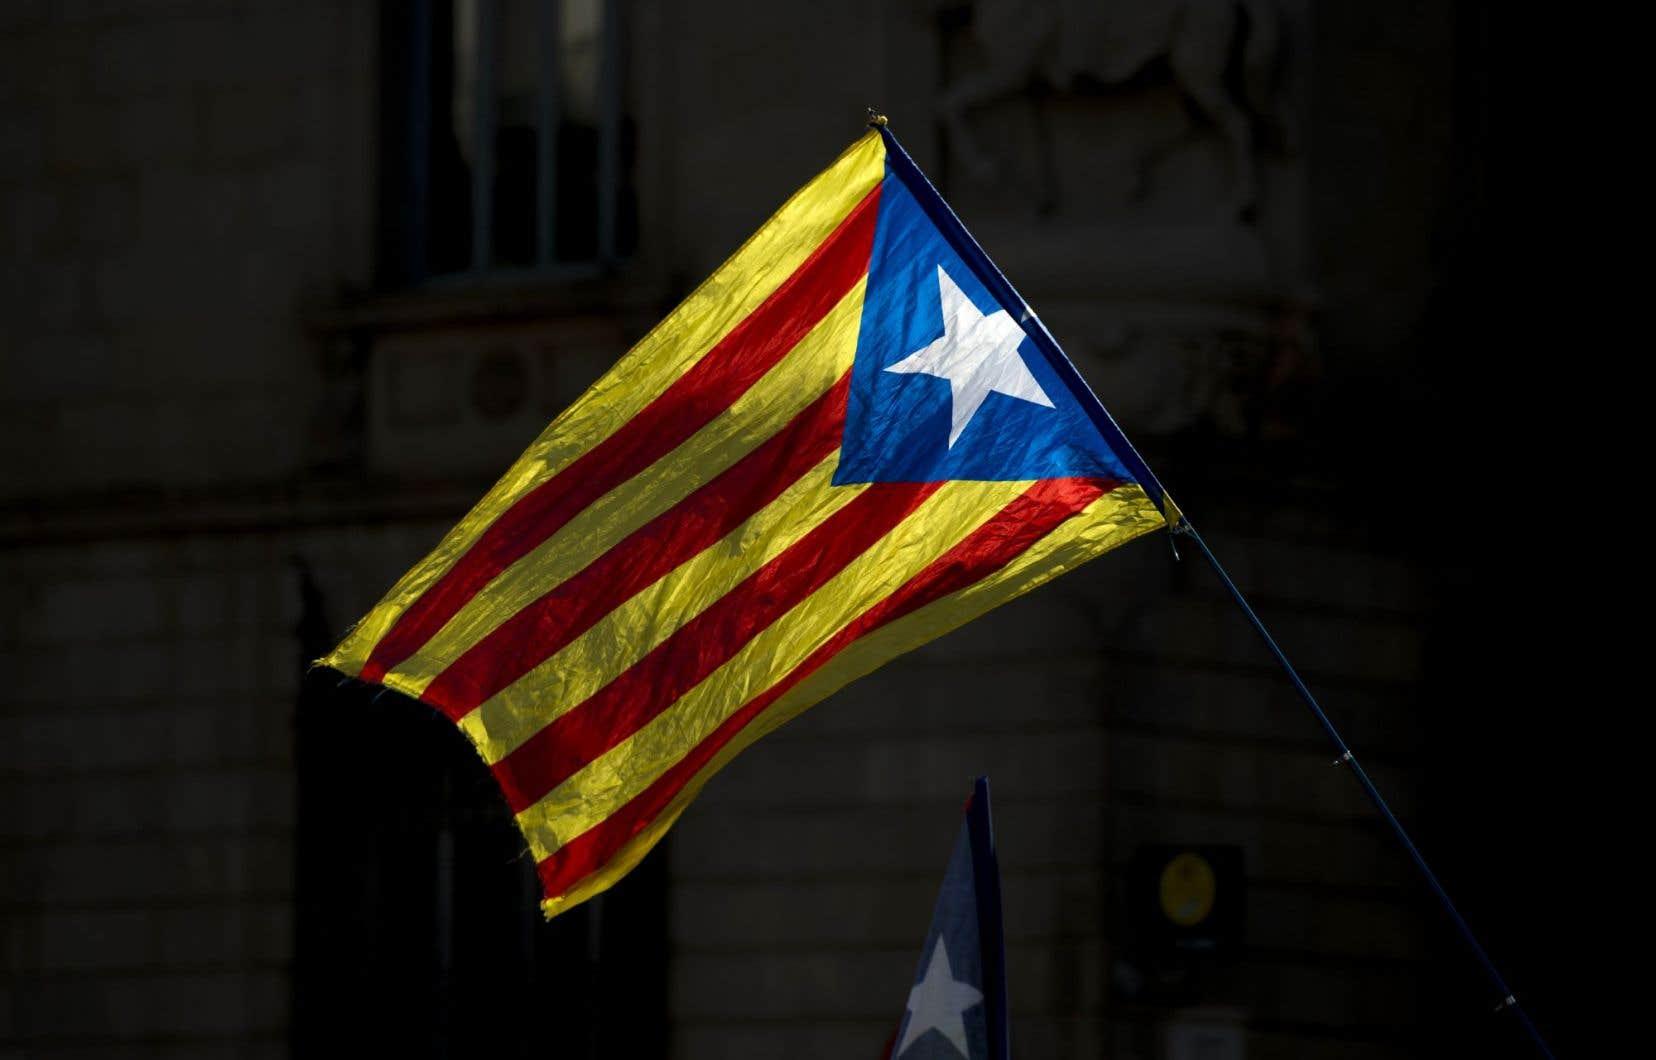 Les participants dénoncent le gouvernement espagnol qui, selon eux, utilise la répression pour empêcher la tenue du référendum sur l'autodétermination de la Catalogne.